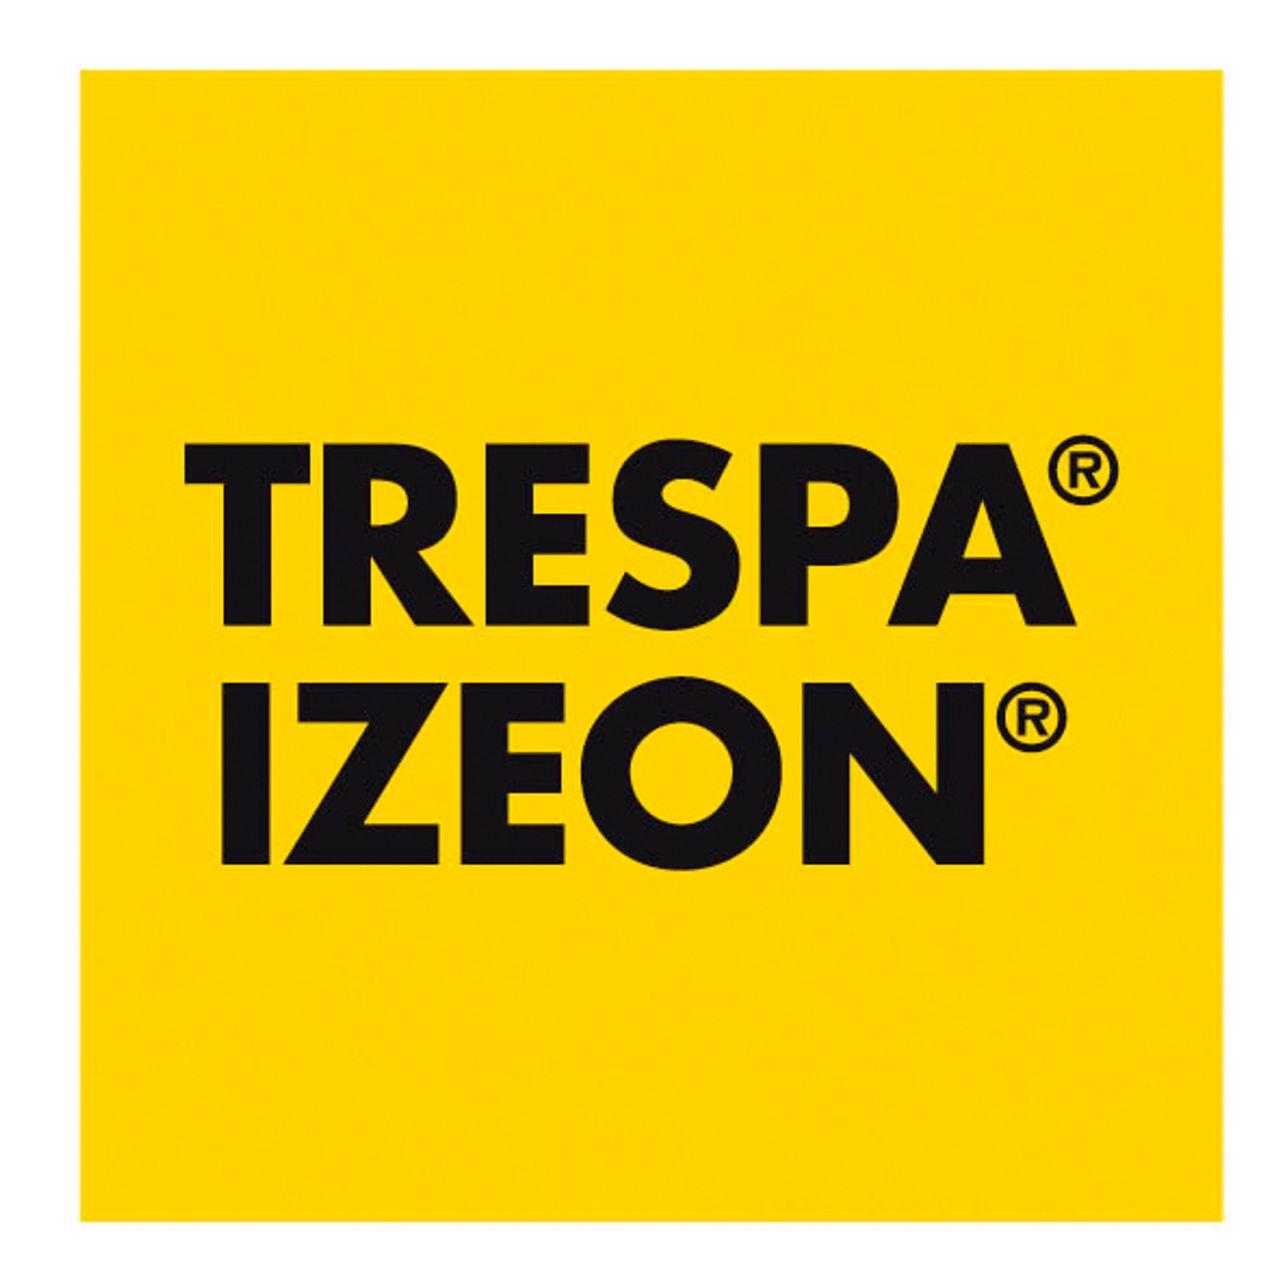 Afbeedling TRESPA® IZEON®